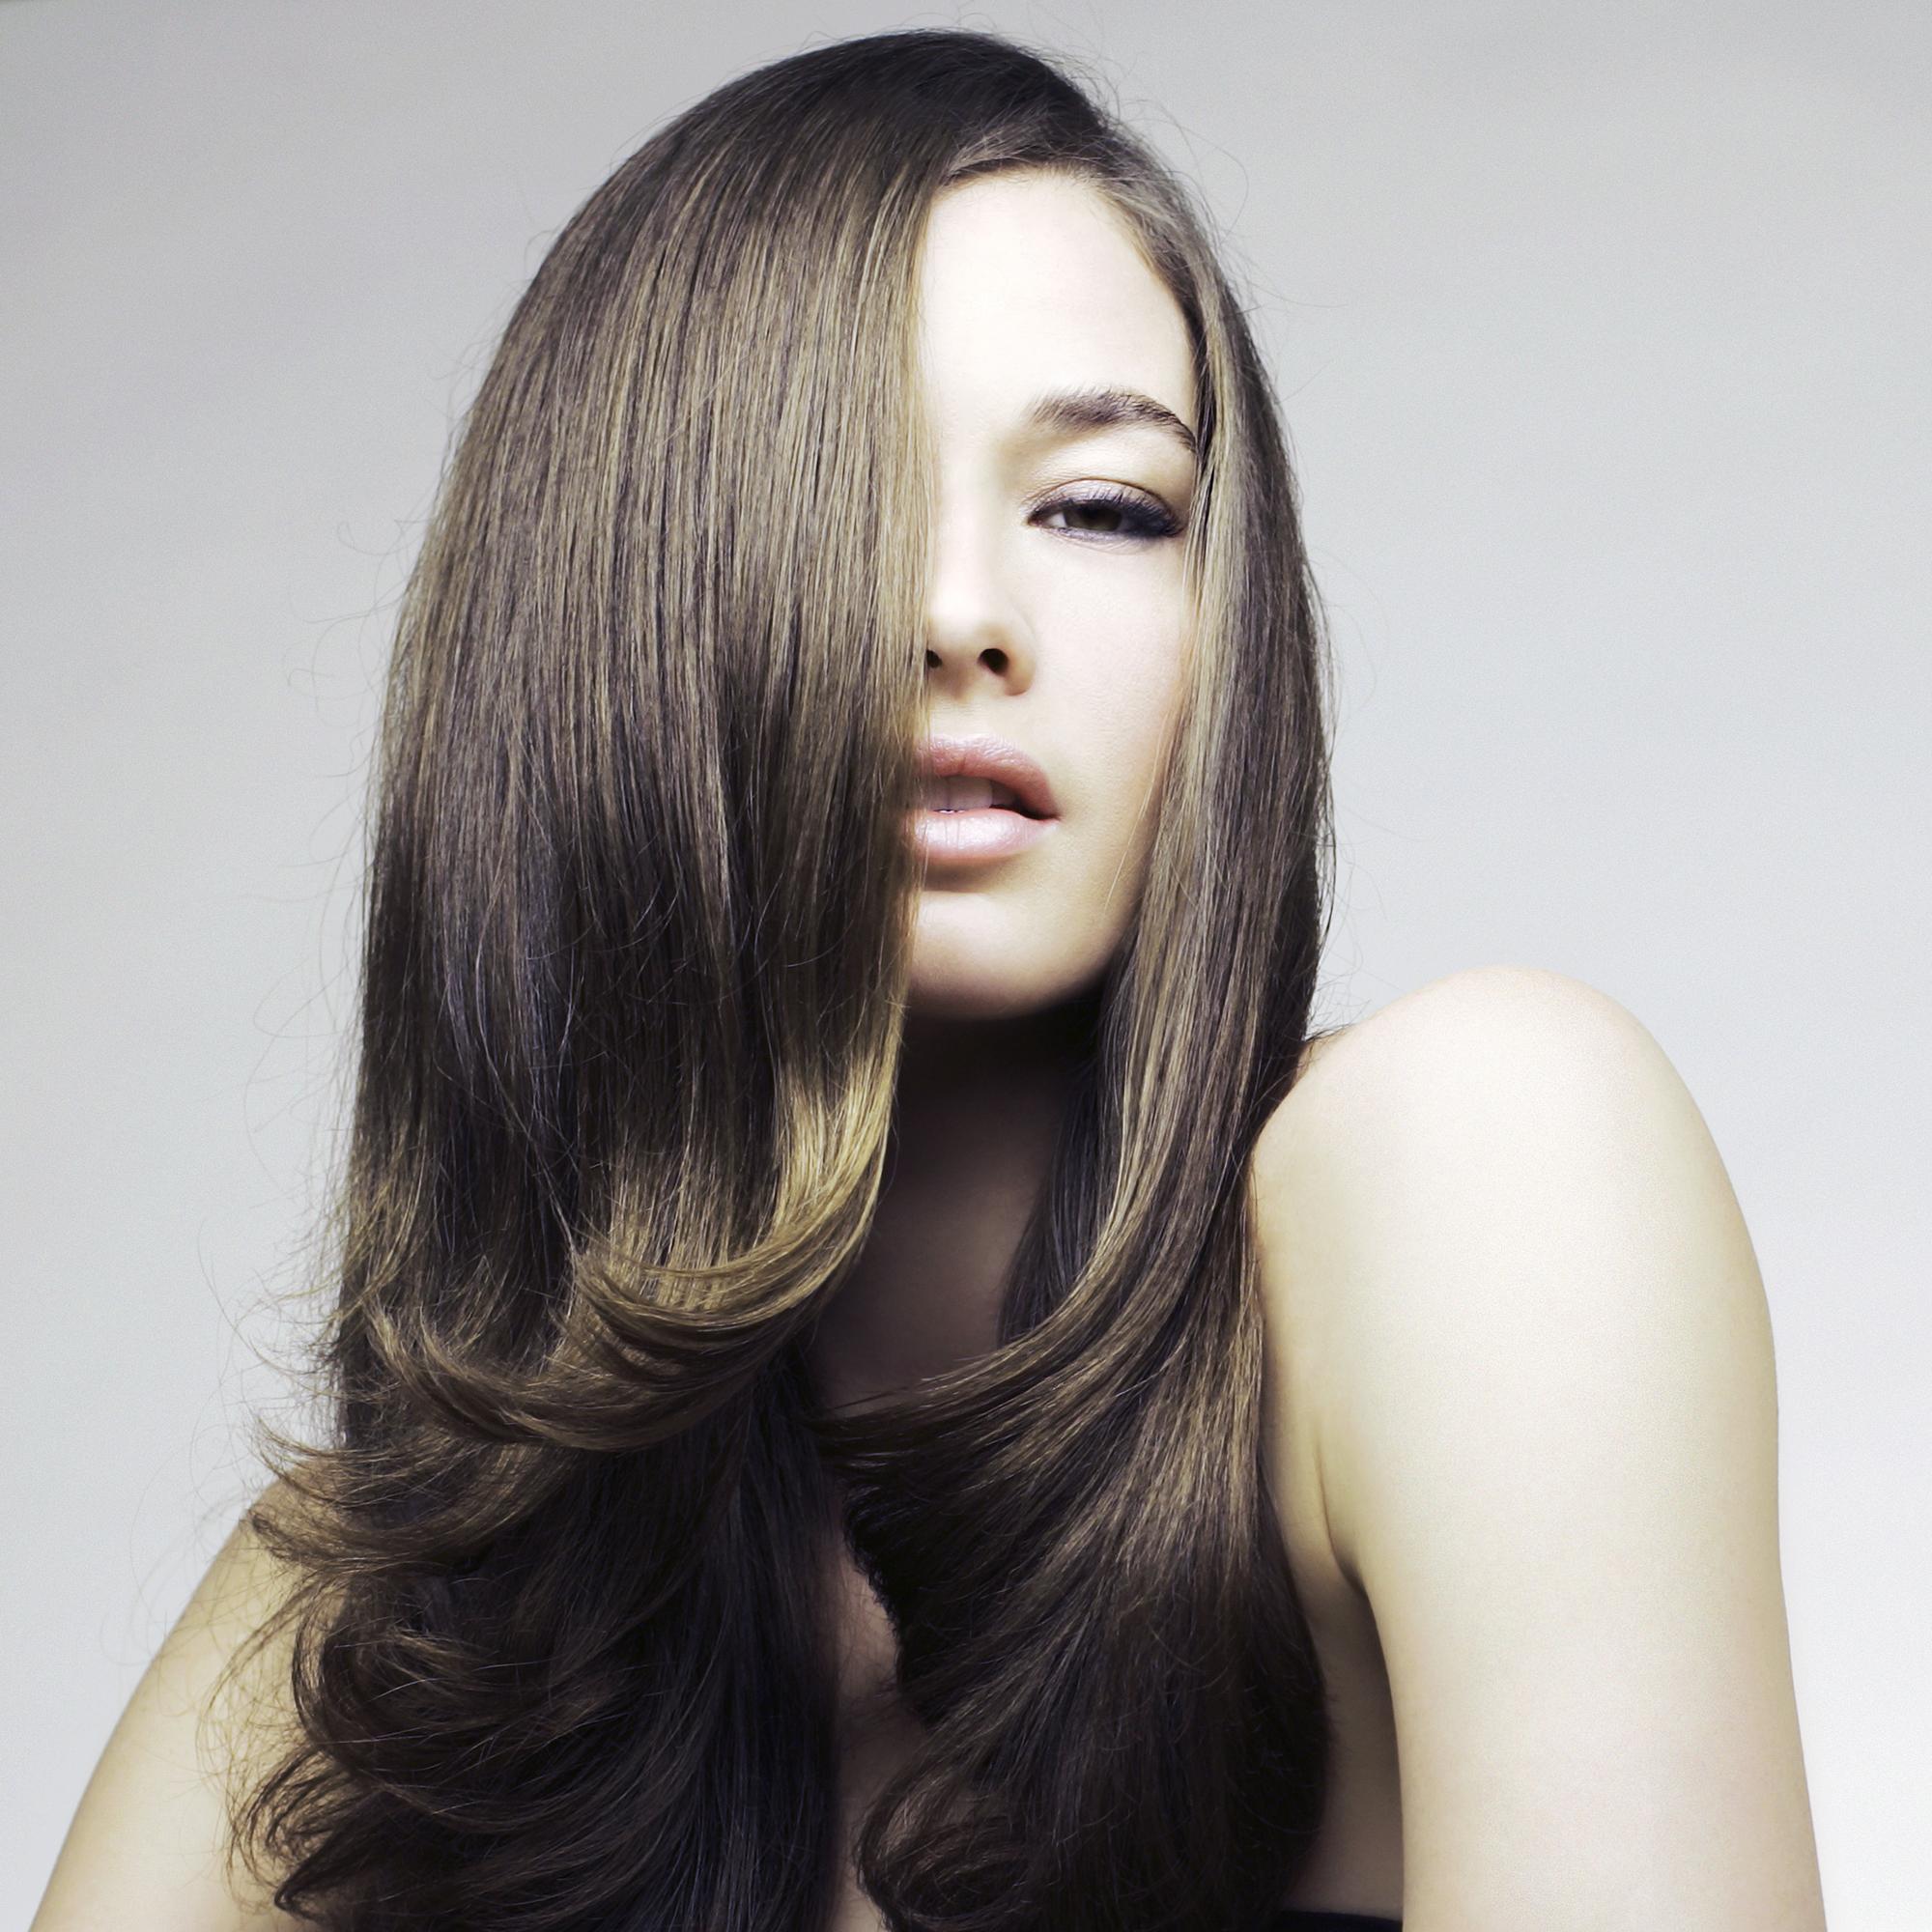 Mid length hairstyle-new season hairstyles-hair-hair colour-haircuts-womens haircuts-woman and home